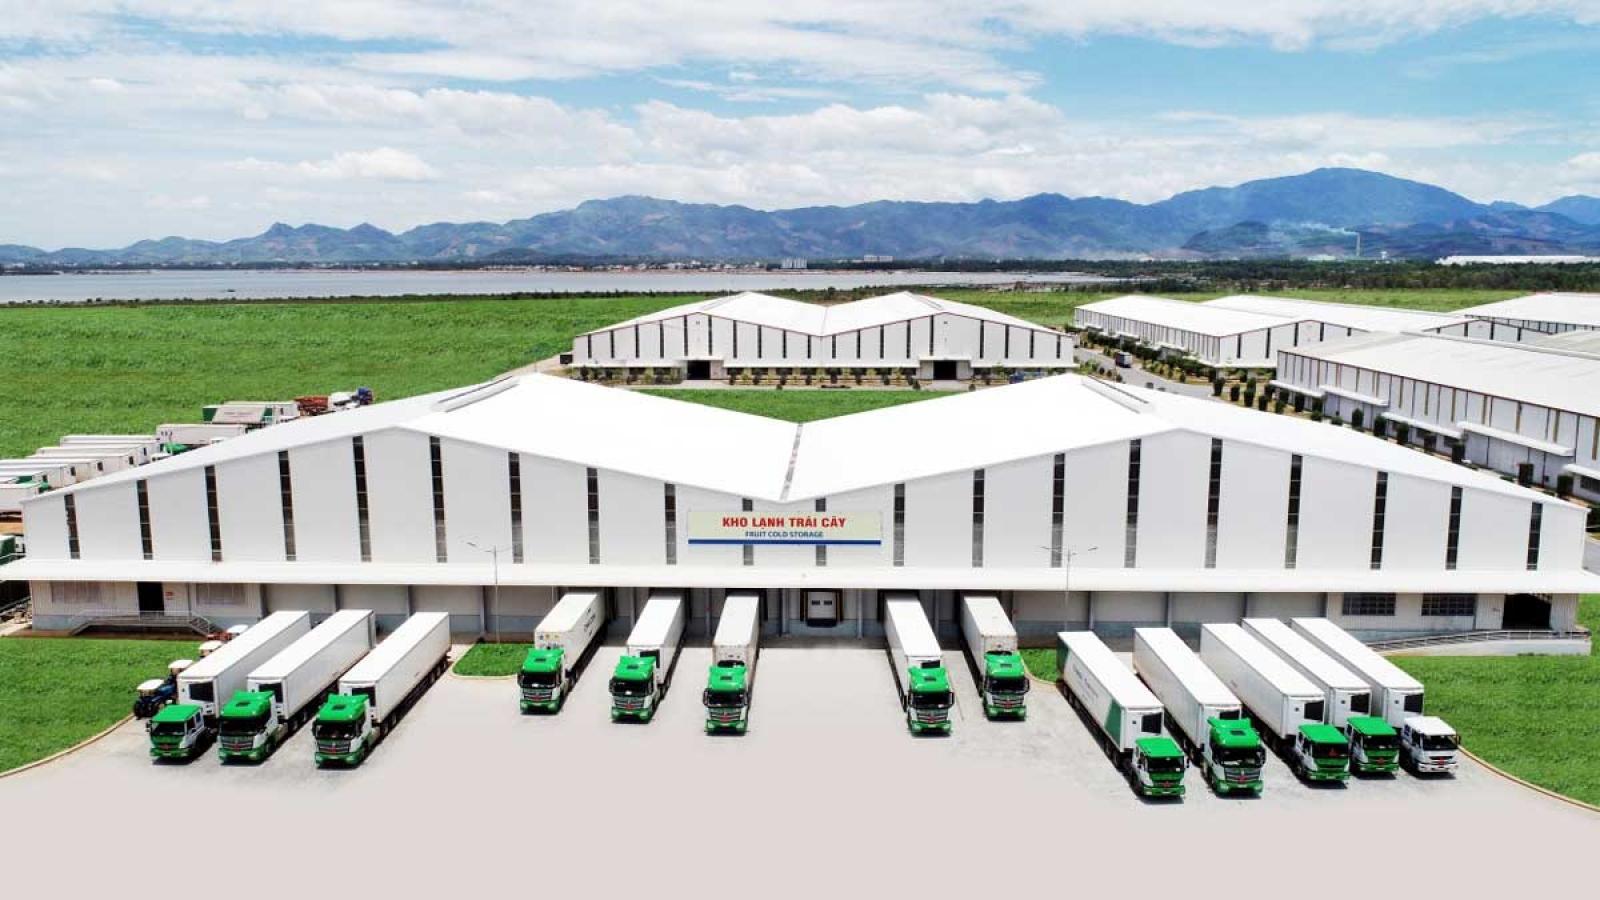 Logistics trọn gói cho nông nghiệp, THILOGI đưa nông sản Việt ra thế giới